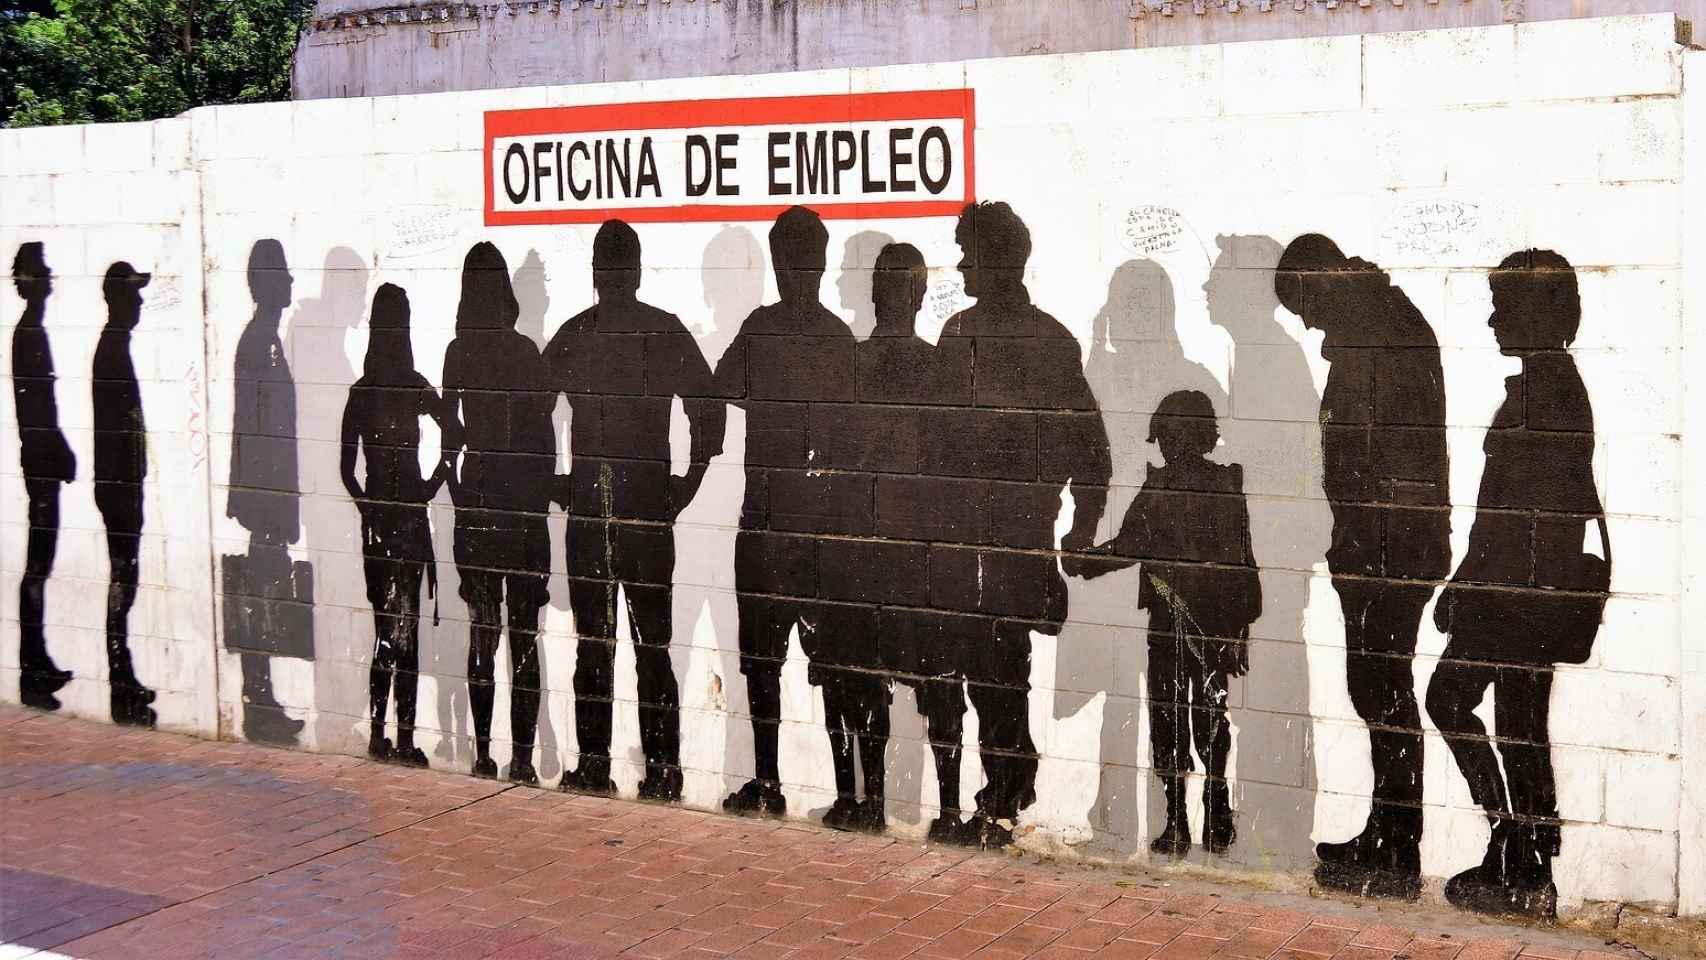 Mural sobre el desempleo. Pixabay